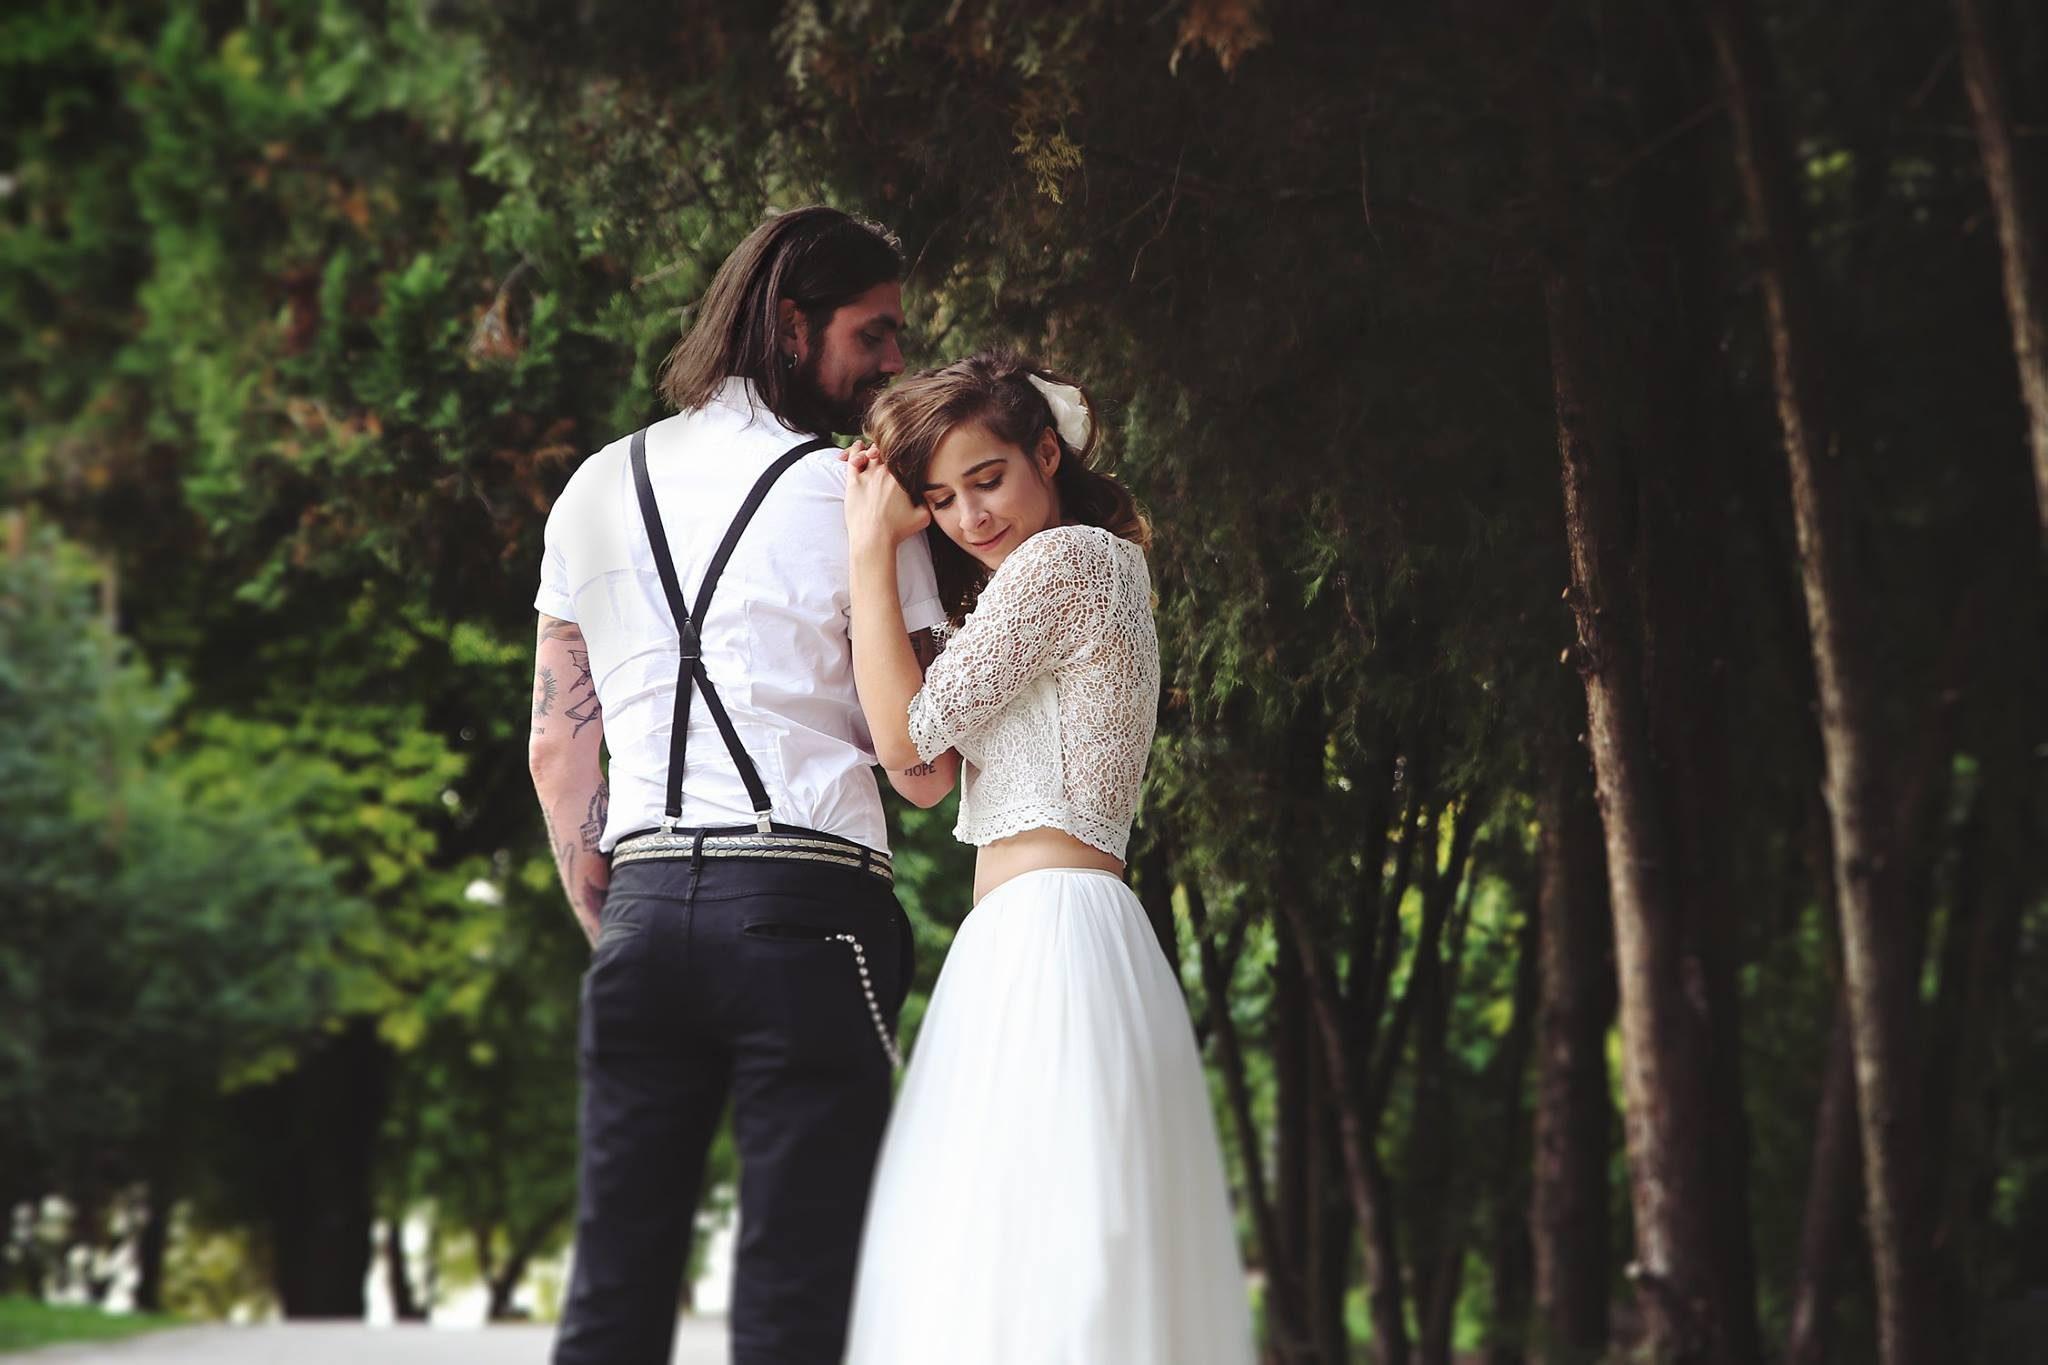 ,valódi esküvők,esküvő,esküvői ruha,menyasszonyi ruha,tarr zsófi,sophie tarr,nagy viktor,esküvő,varga zorán,varga zorán photography,